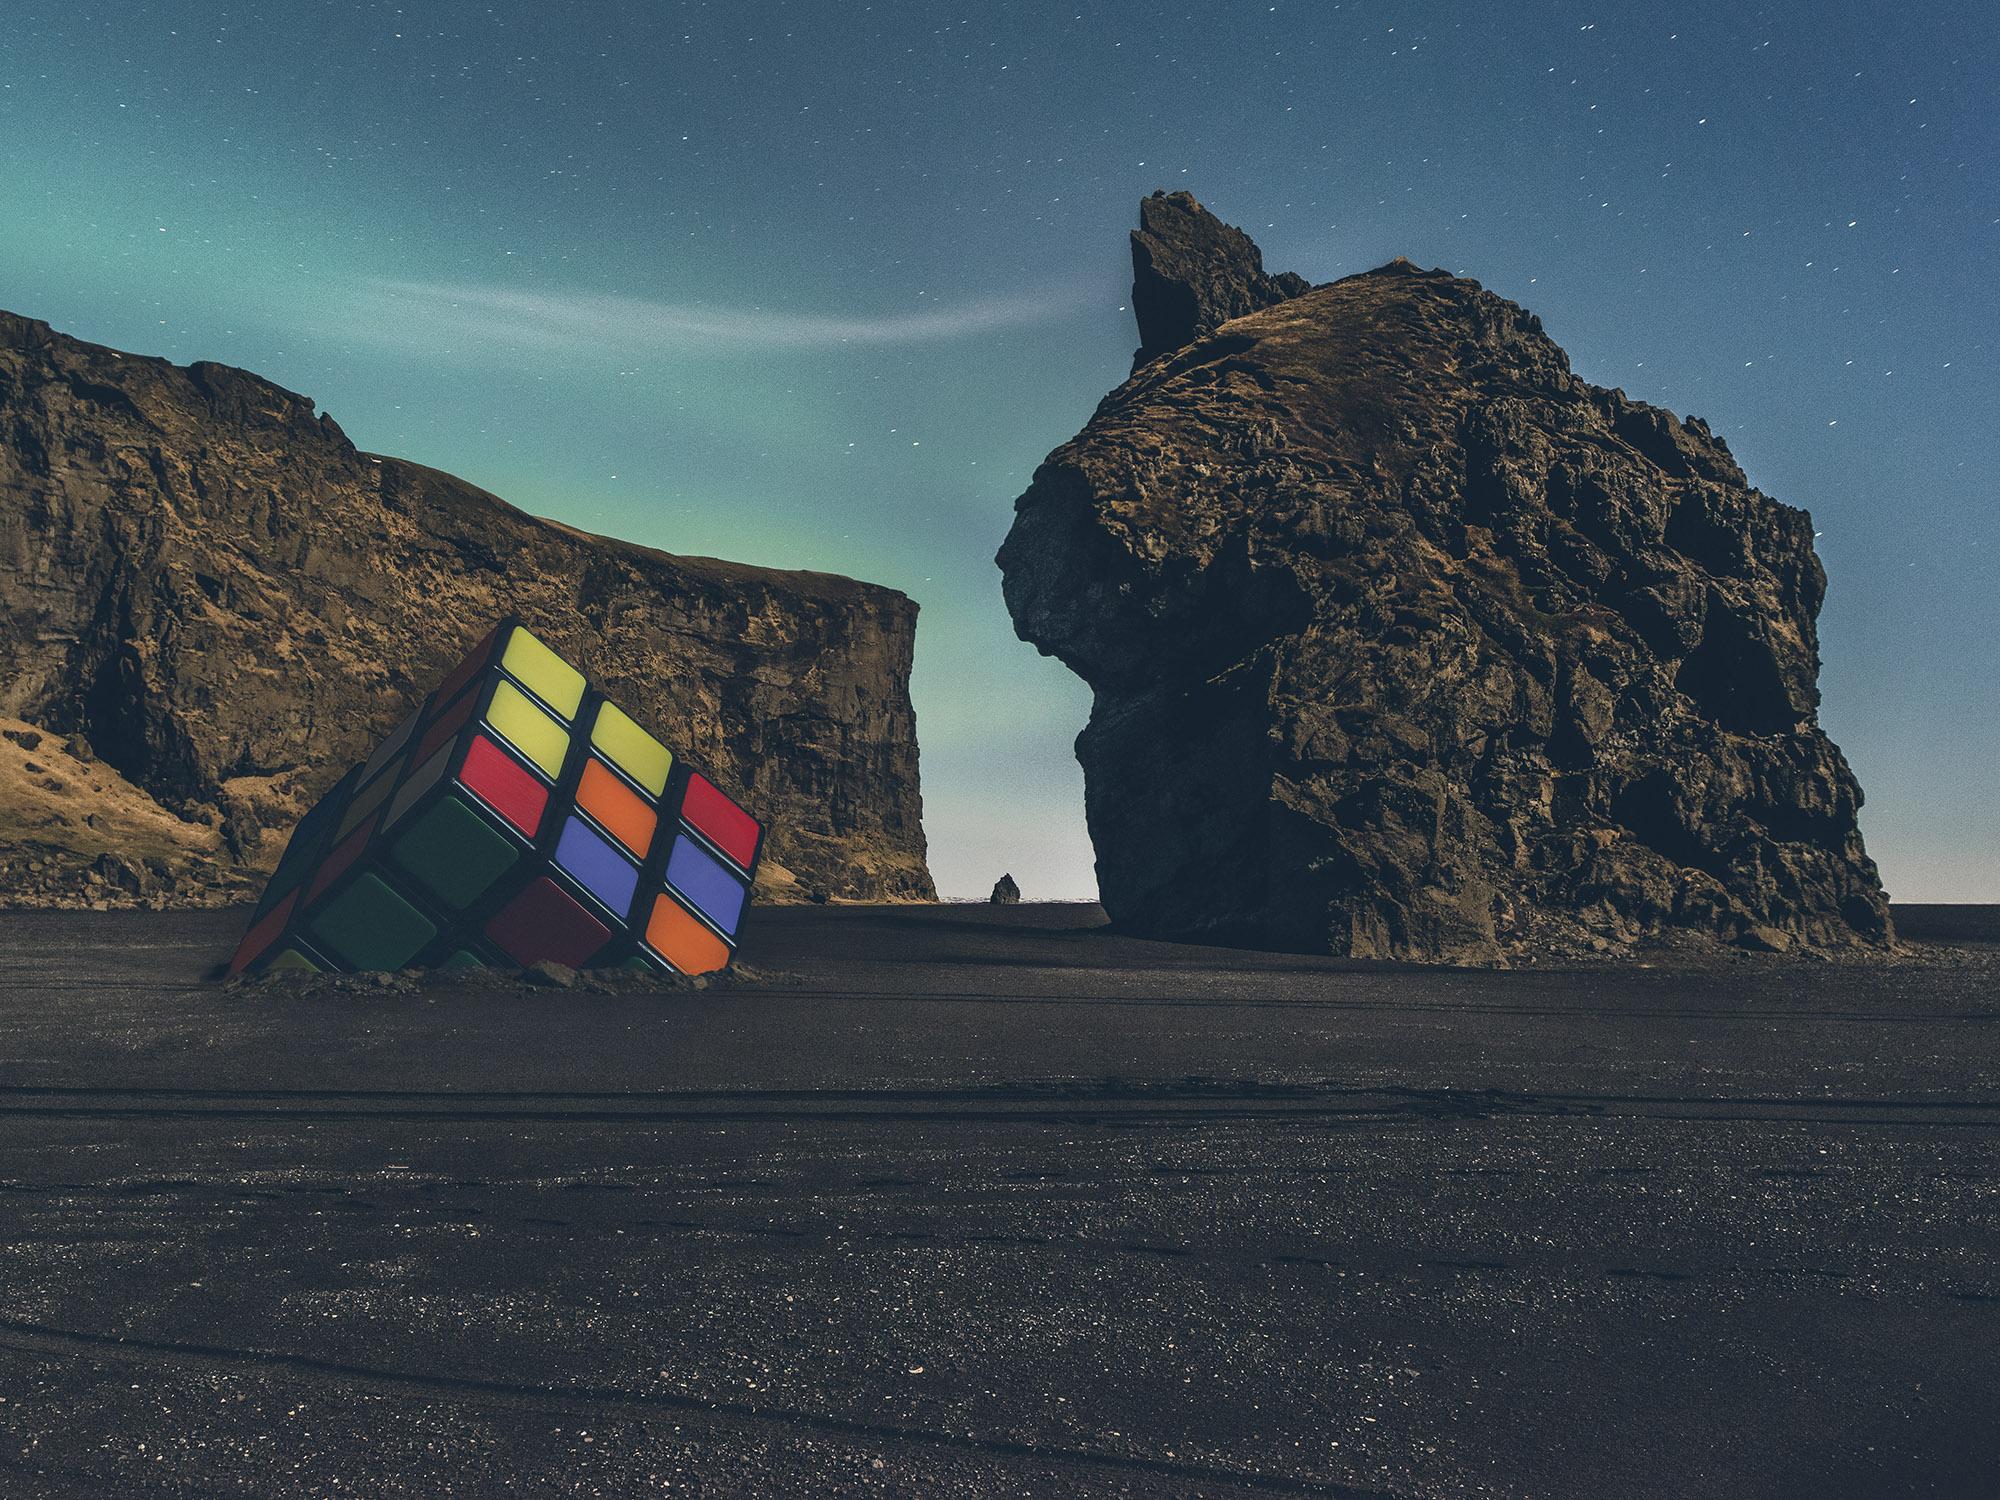 NOSTALGIES_The-cubic-monolith_Vincent_Bousserez